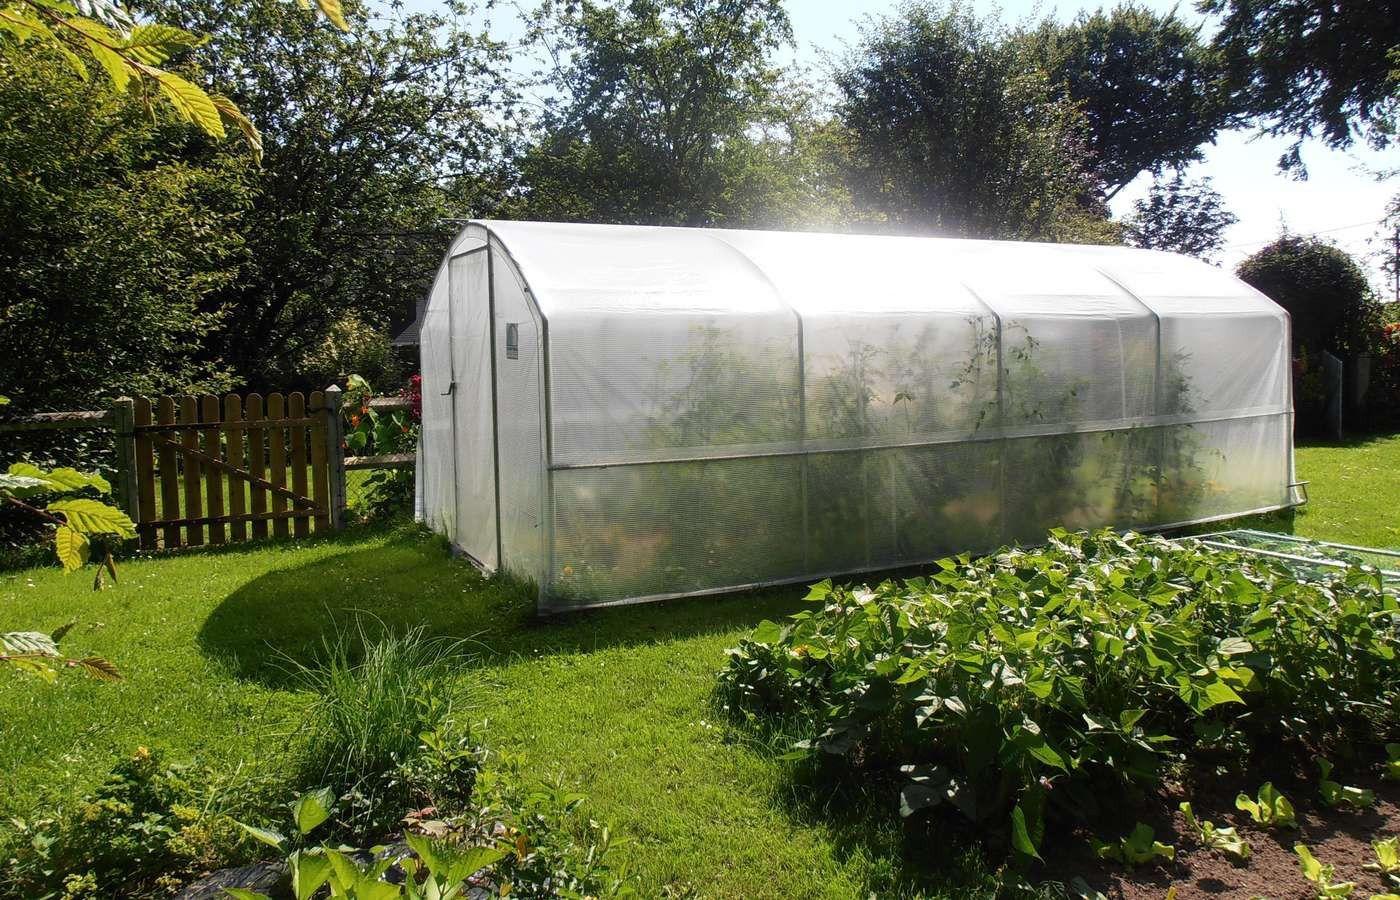 Serre De Jardin 4 Saisons 18M2 + Kit Manivelles - Decouvrez ... concernant Serre De Jardin 18M2